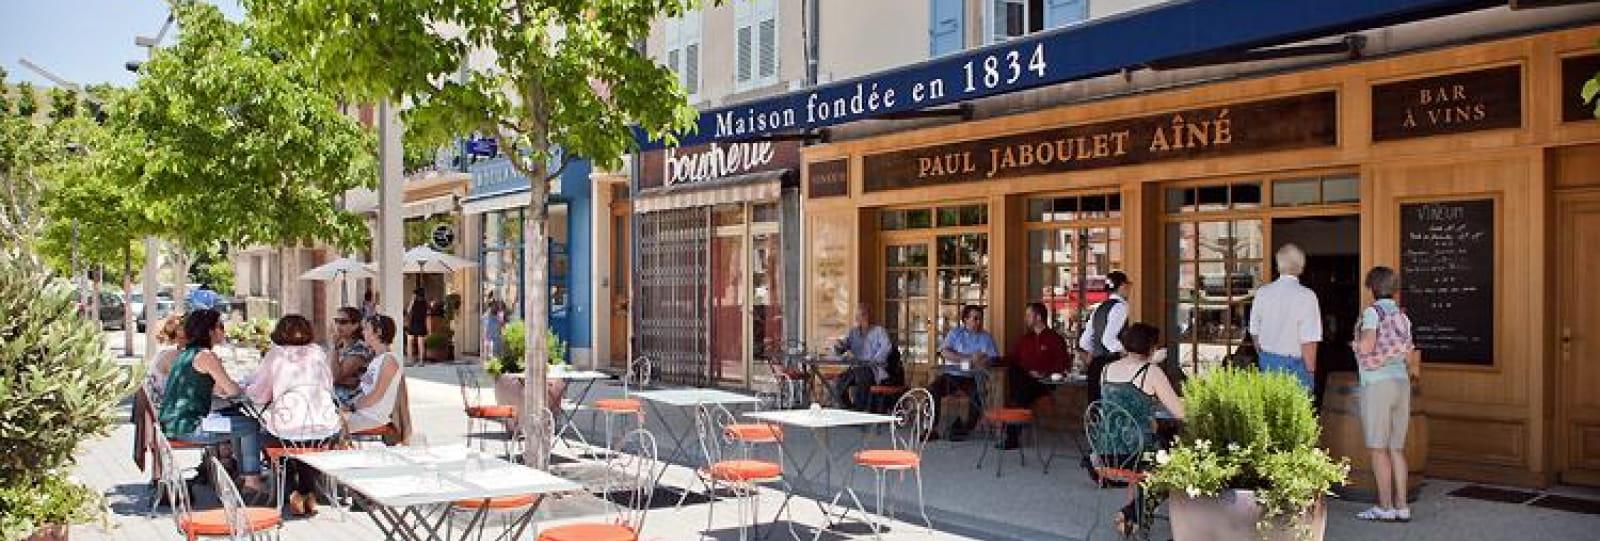 Terrasse Vineum Paul Jaboulet Ainé